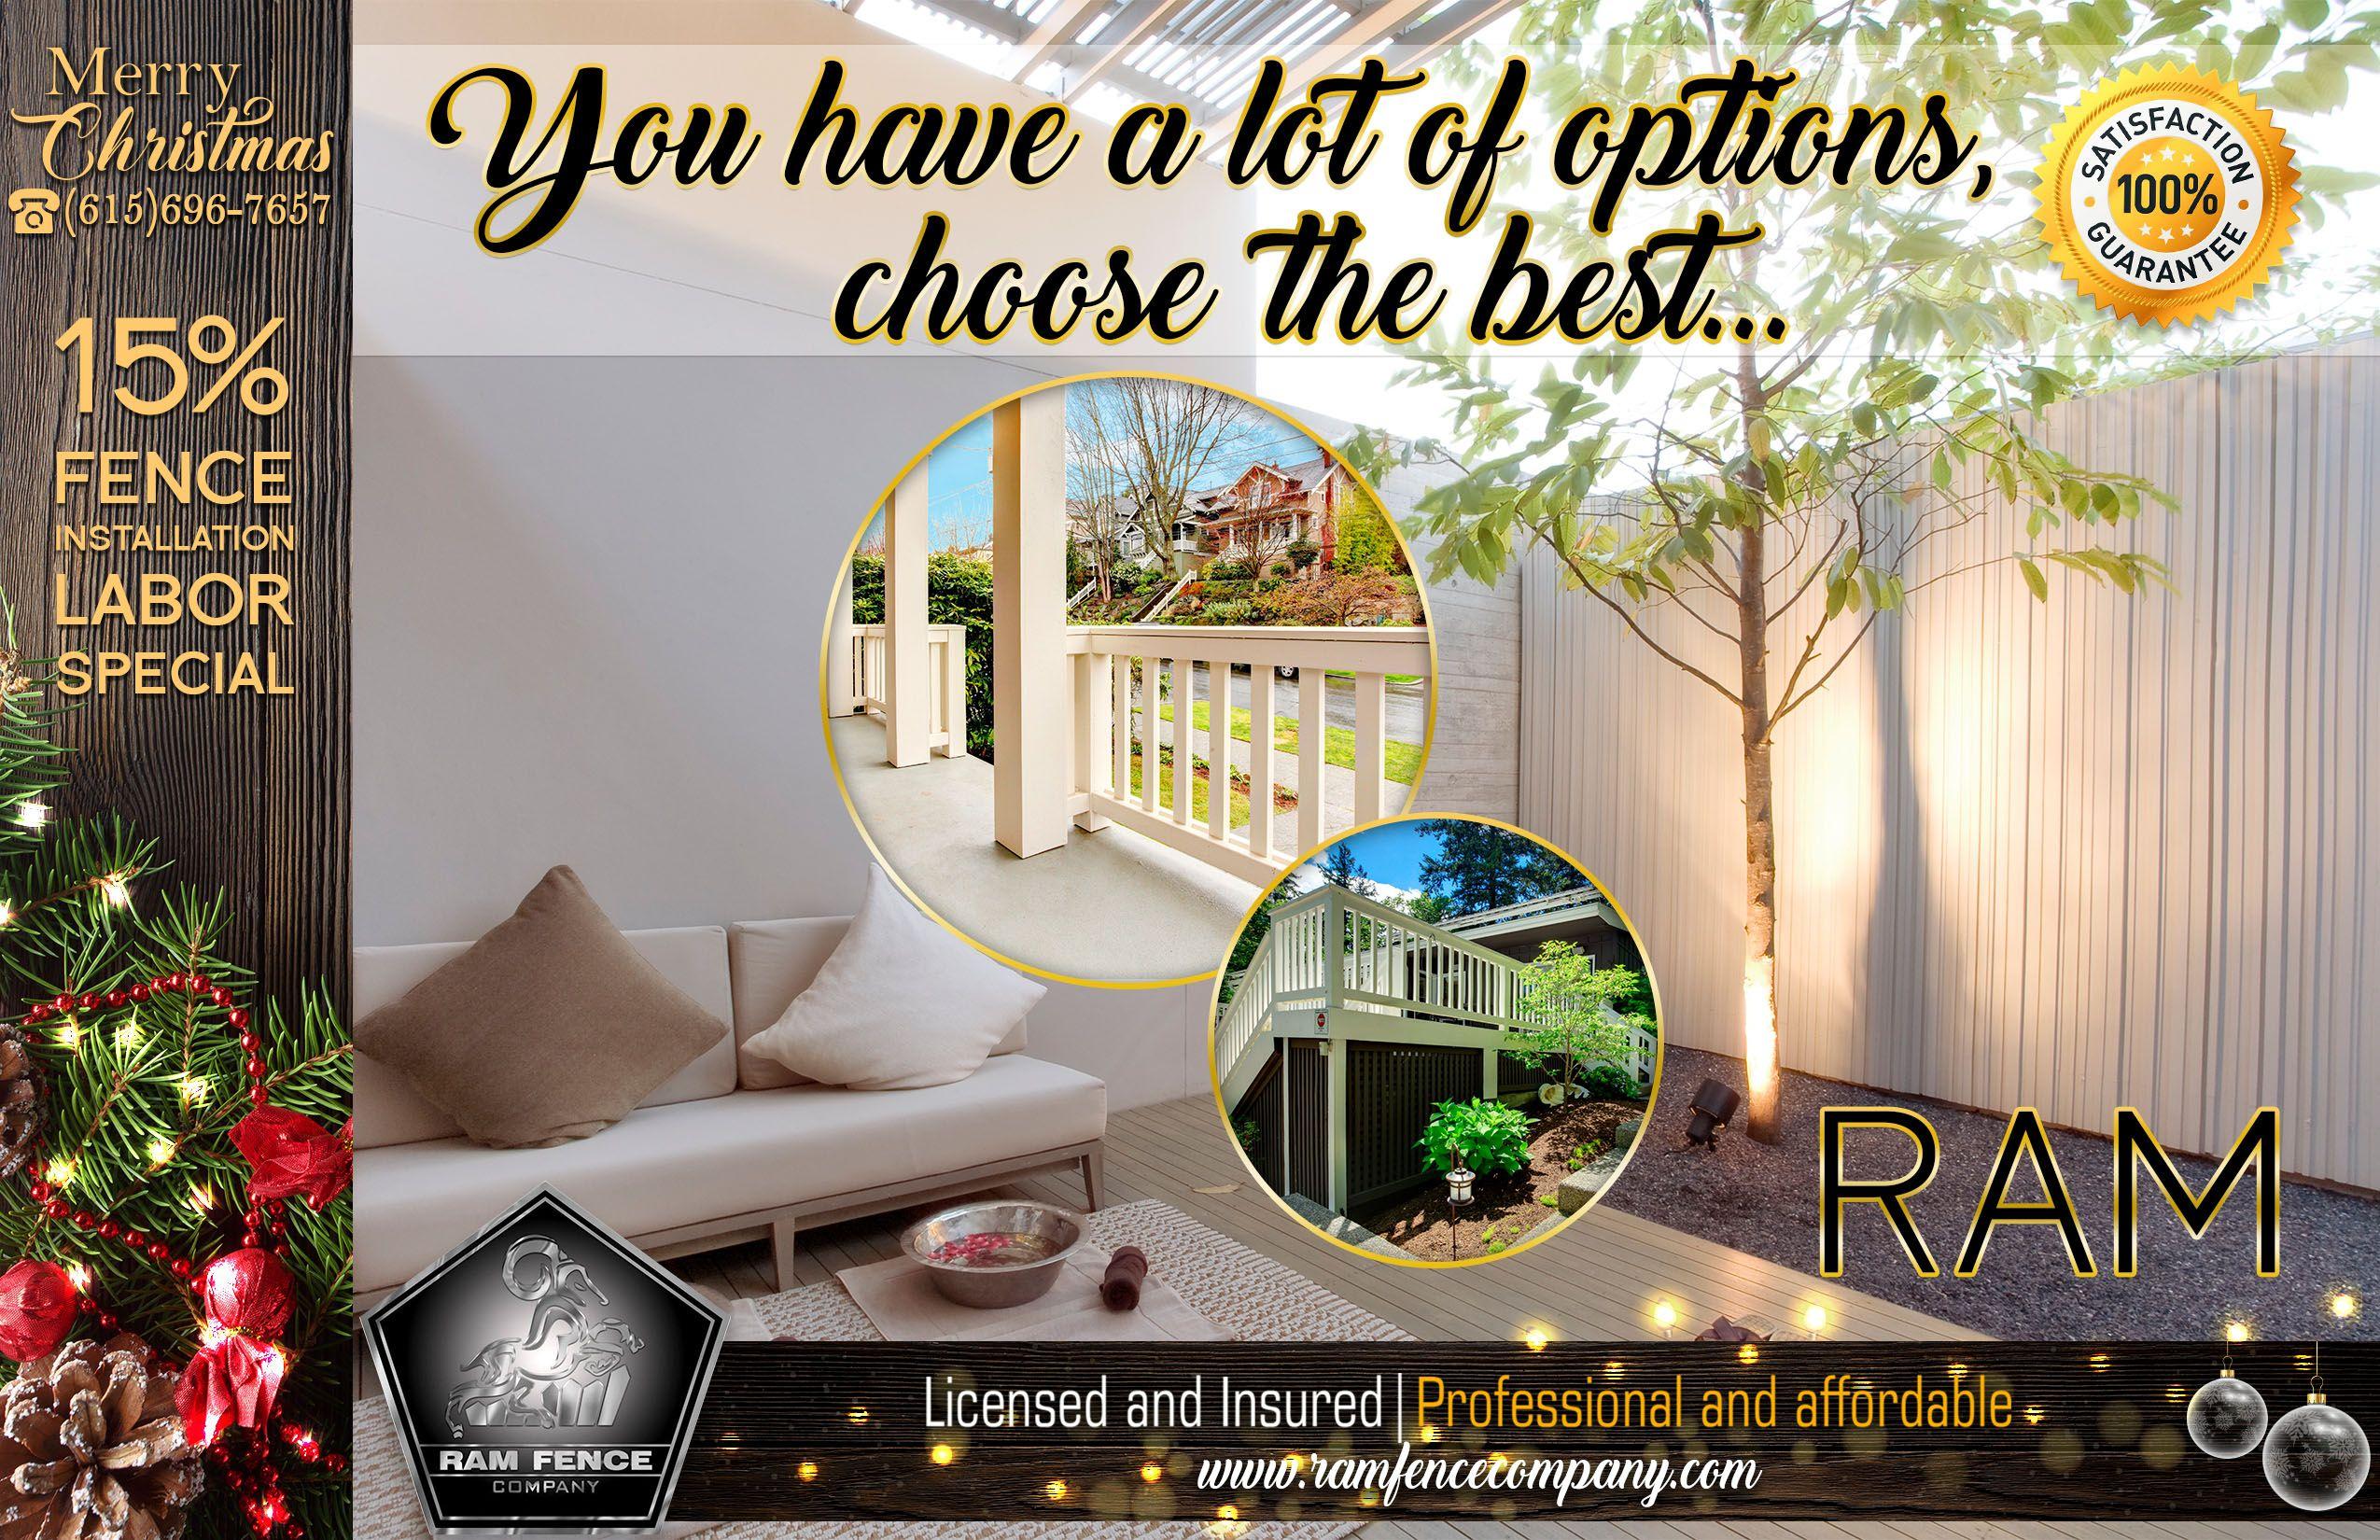 www.ramfencecompany.com (615) 696-7657